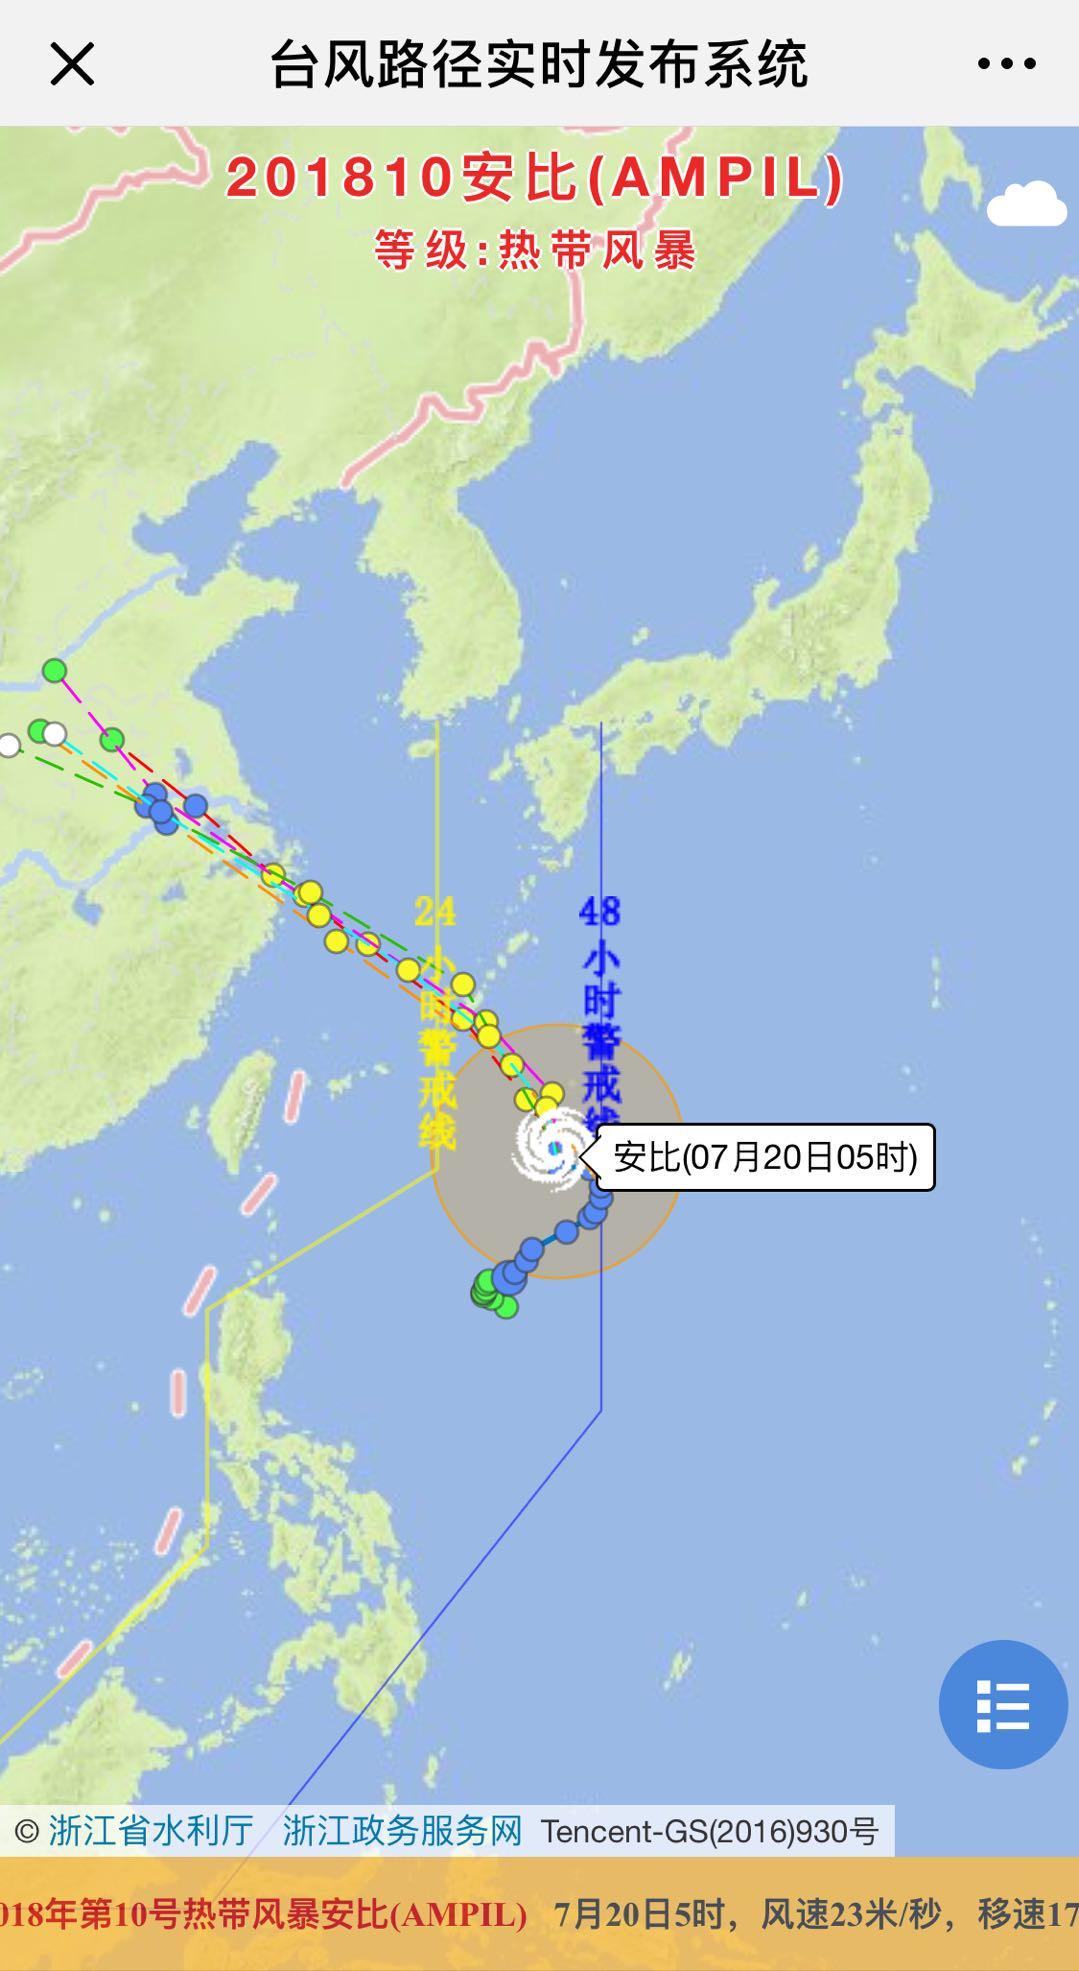 今年第10号台风安比看起来并不强势,但路径明确,直奔浙江沿海而来。 气象部门预计,安比将在明天凌晨进入东海,可能在22日凌晨至上午在浙江沿海登陆。 从目前的天气预报来看,21日,宁波阵雨,夜里部分大到暴雨,22日大到暴雨。  (查看台风路径) 根据今晨5时,中央气象台发布的台风快讯显示,安比当前中心位置在北纬22.